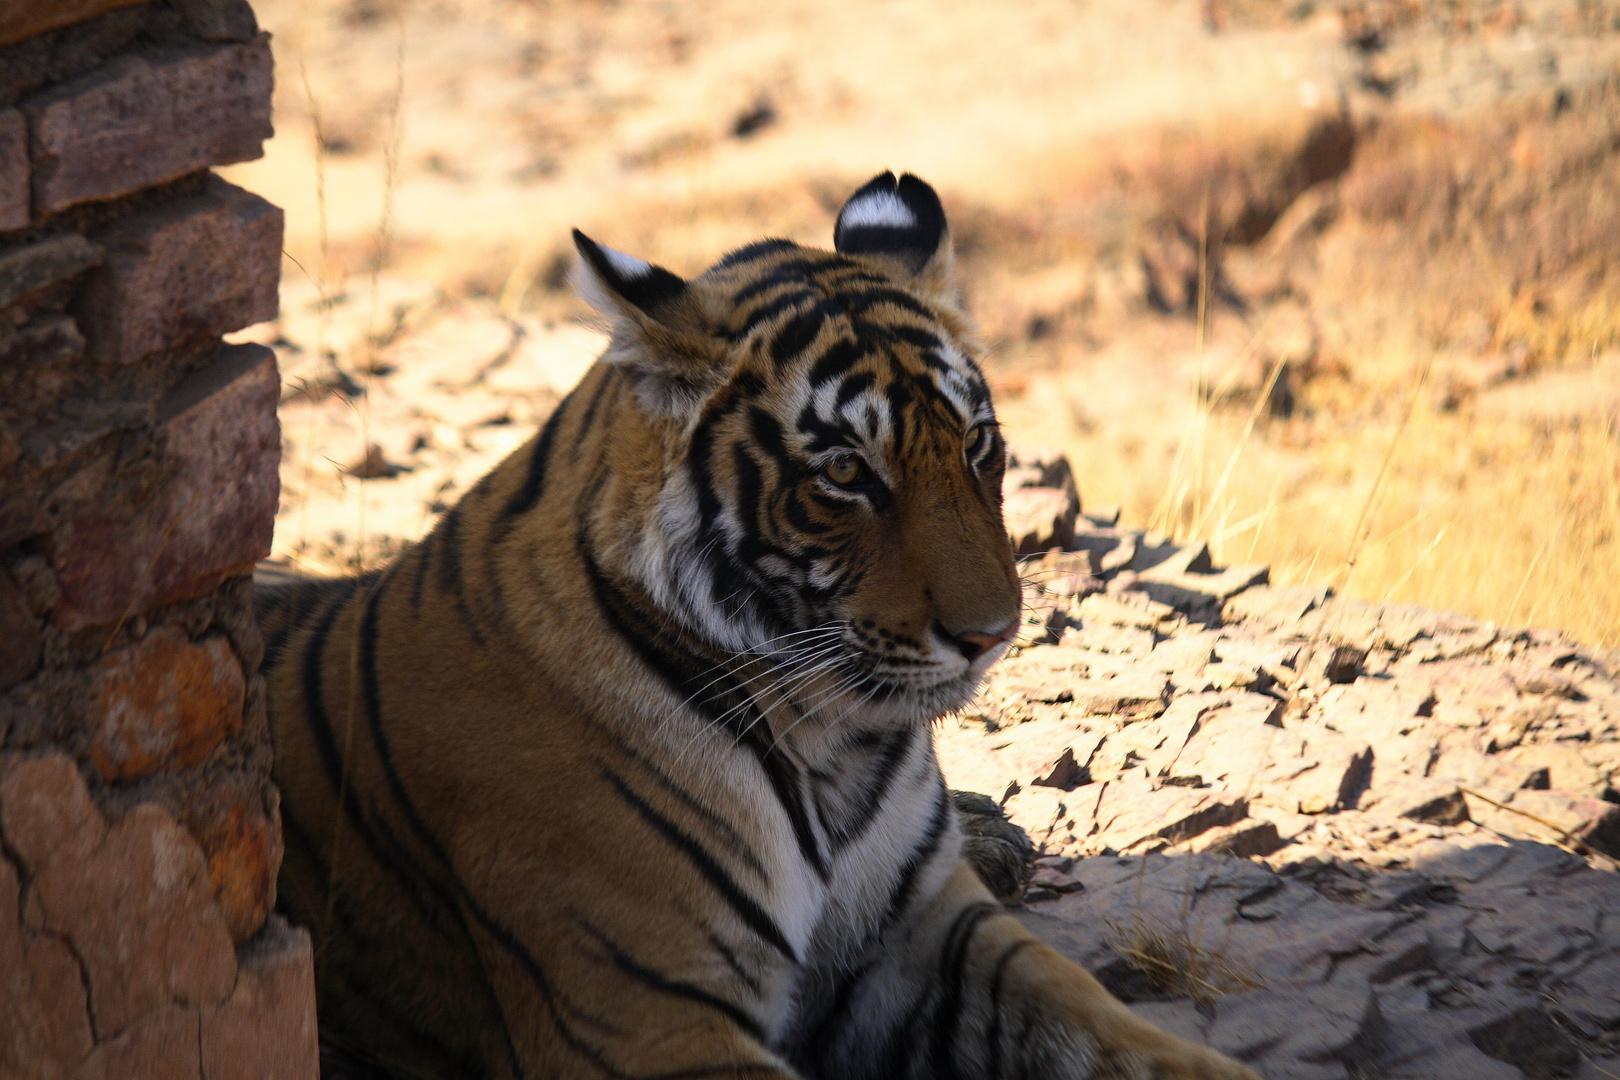 Tiger Indien 2008 in freier Natur